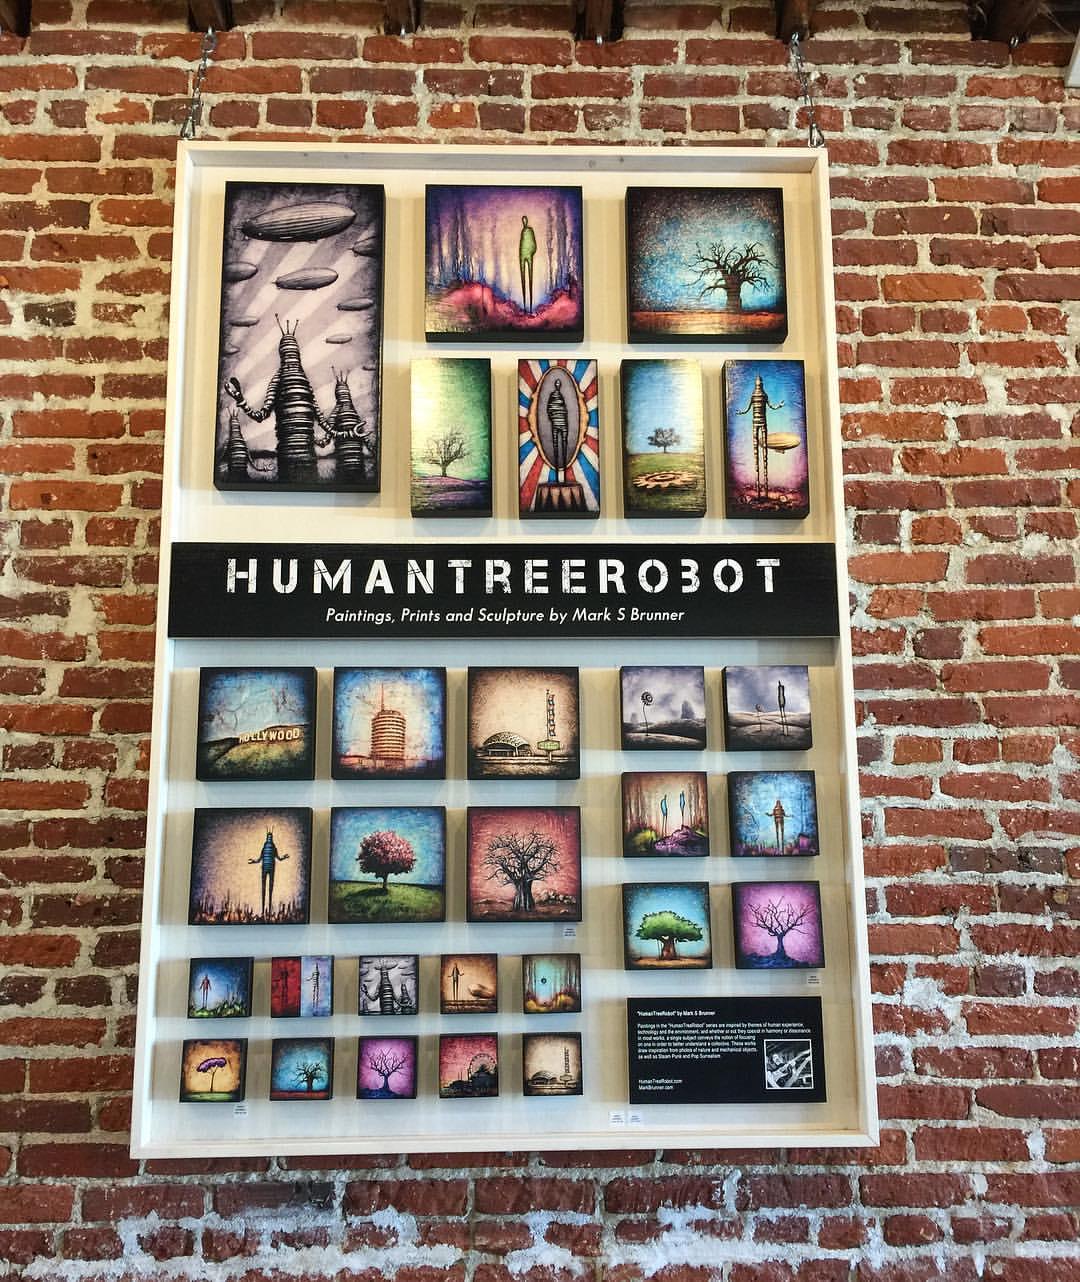 HumanTreeRobot for sale at Mindfulnest, Highland Park